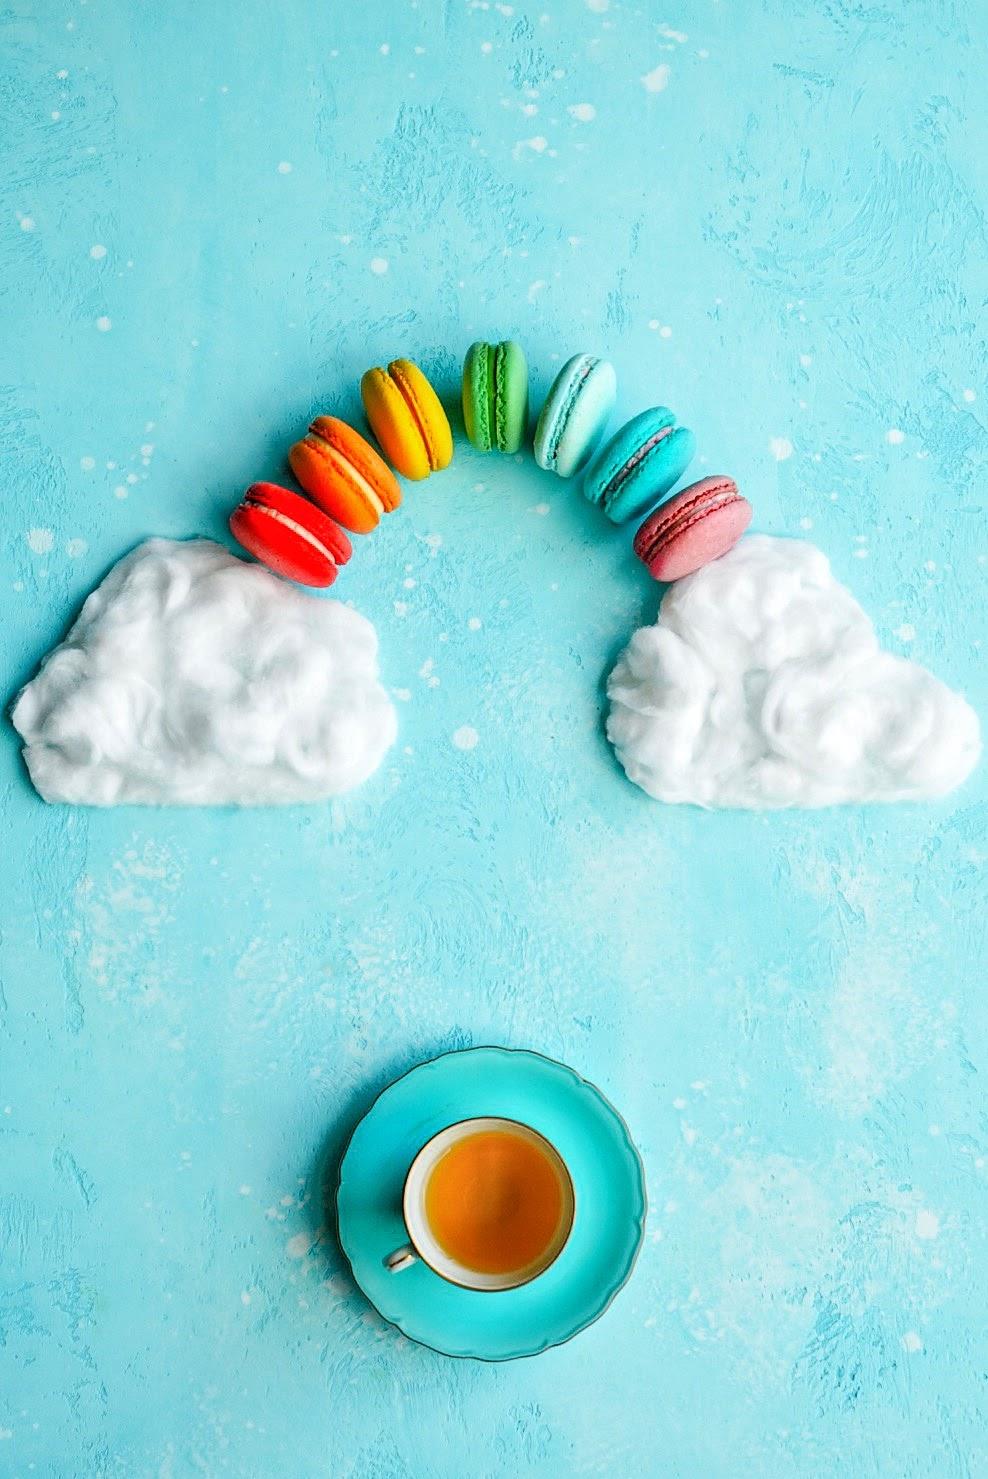 Flatlay alegre de um arco-íris feito de macarons e uma xícara de chá